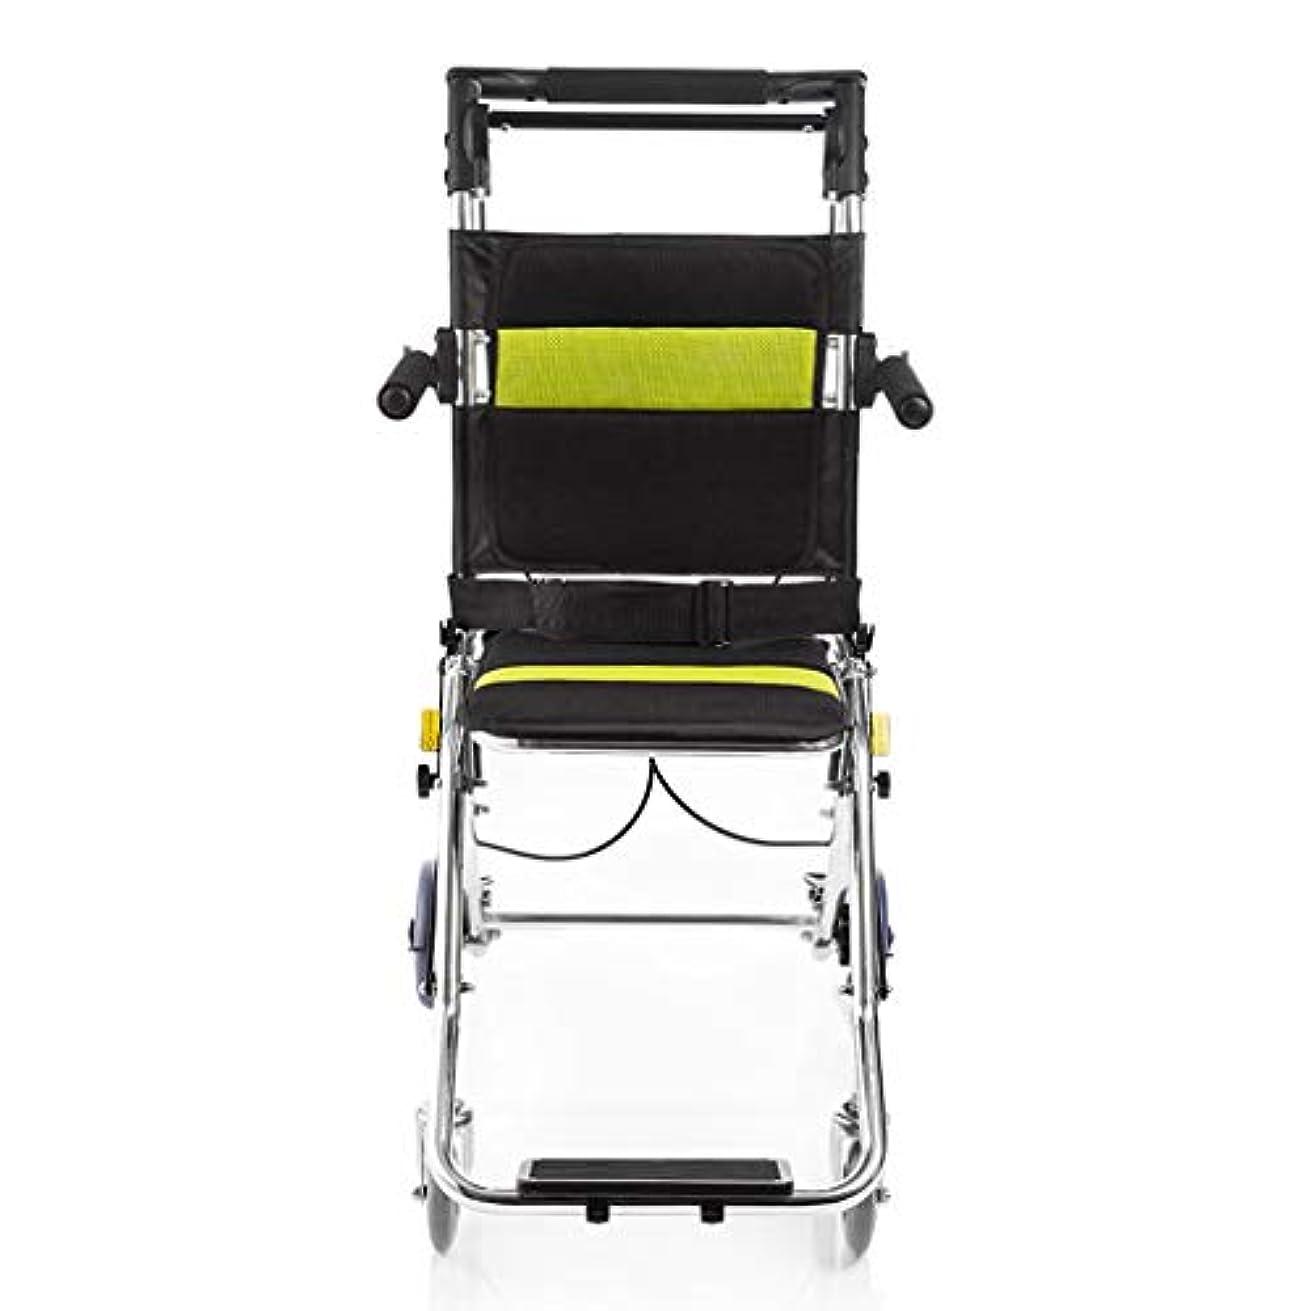 切る旅行代理店盟主折りたたみ車椅子、75 Kgの高齢者用屋外車椅子ベビーカーを運ぶことができます